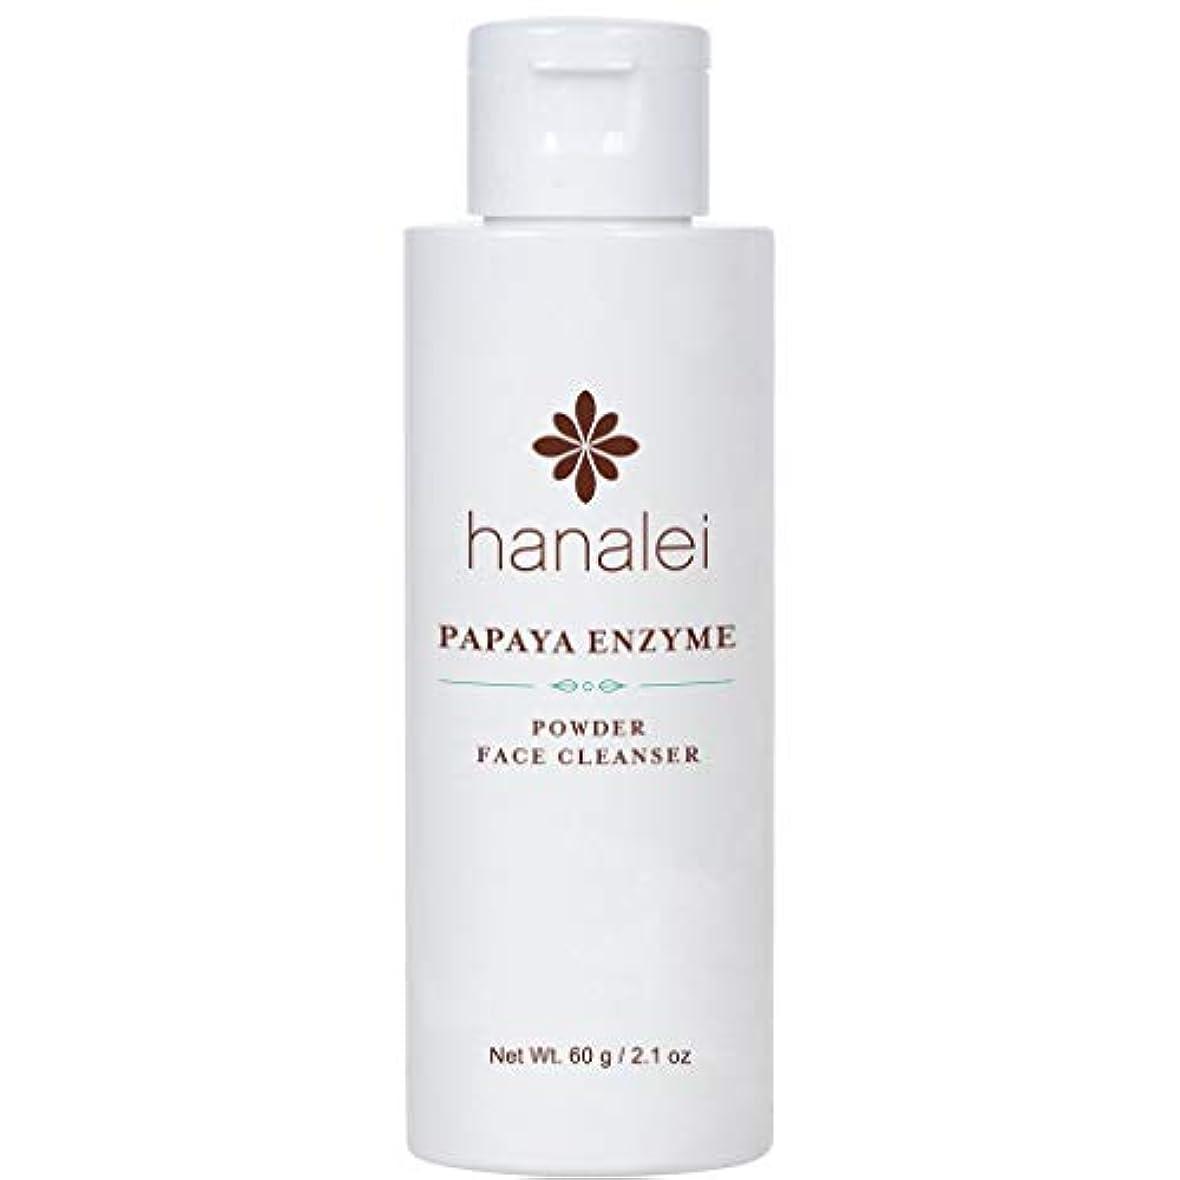 フラスコ予言する組立Hanalei (ハナレイ)パパイヤ酵素洗顔料 (Papaya Enzyme Powder Facial Cleanser) (60g)